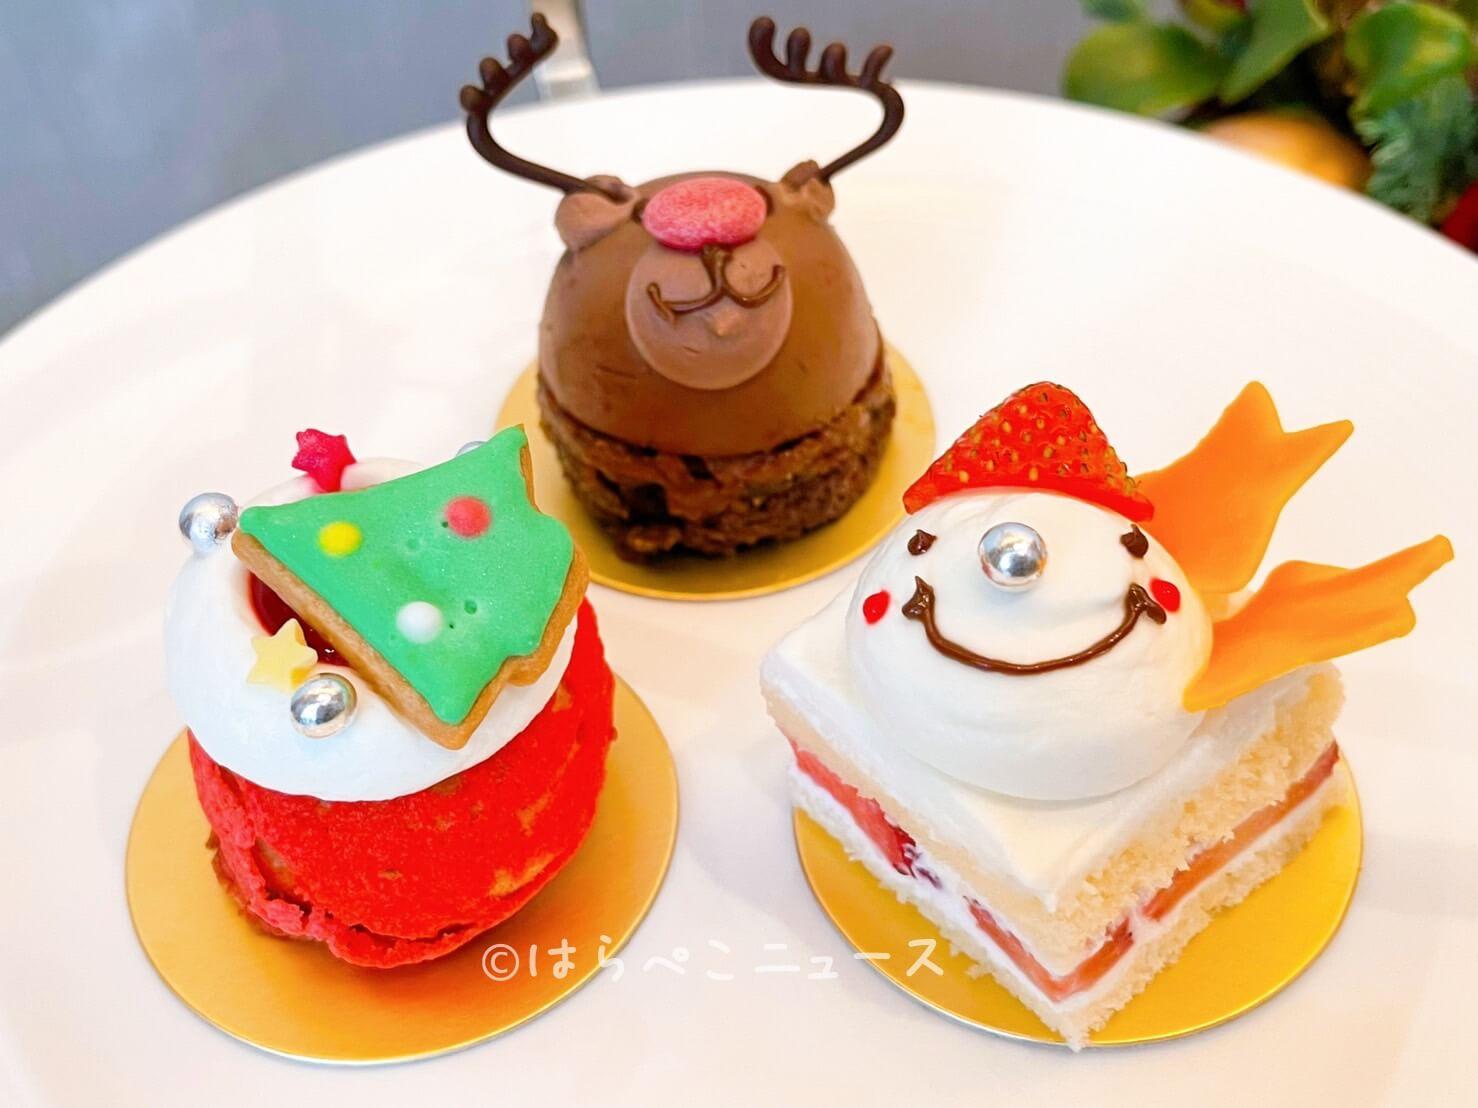 【実食レポ】シャングリラ東京でクリスマスならではのアフタヌーンティー!キッズアフタヌーンティーも登場!